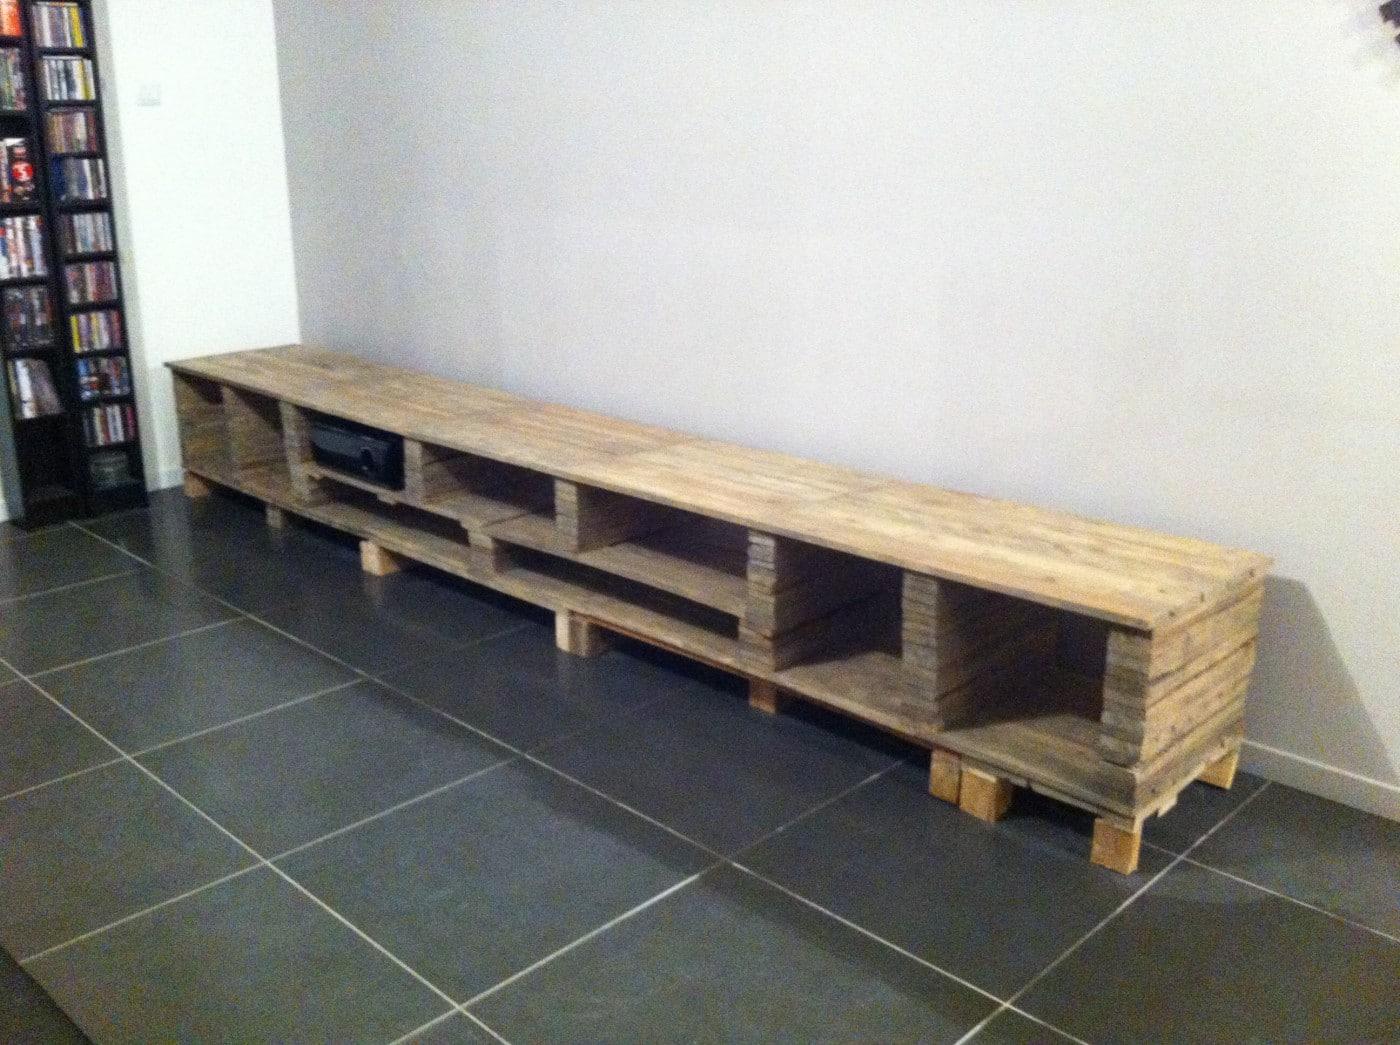 Construire meuble palette - Meuble fabrique avec des palettes ...